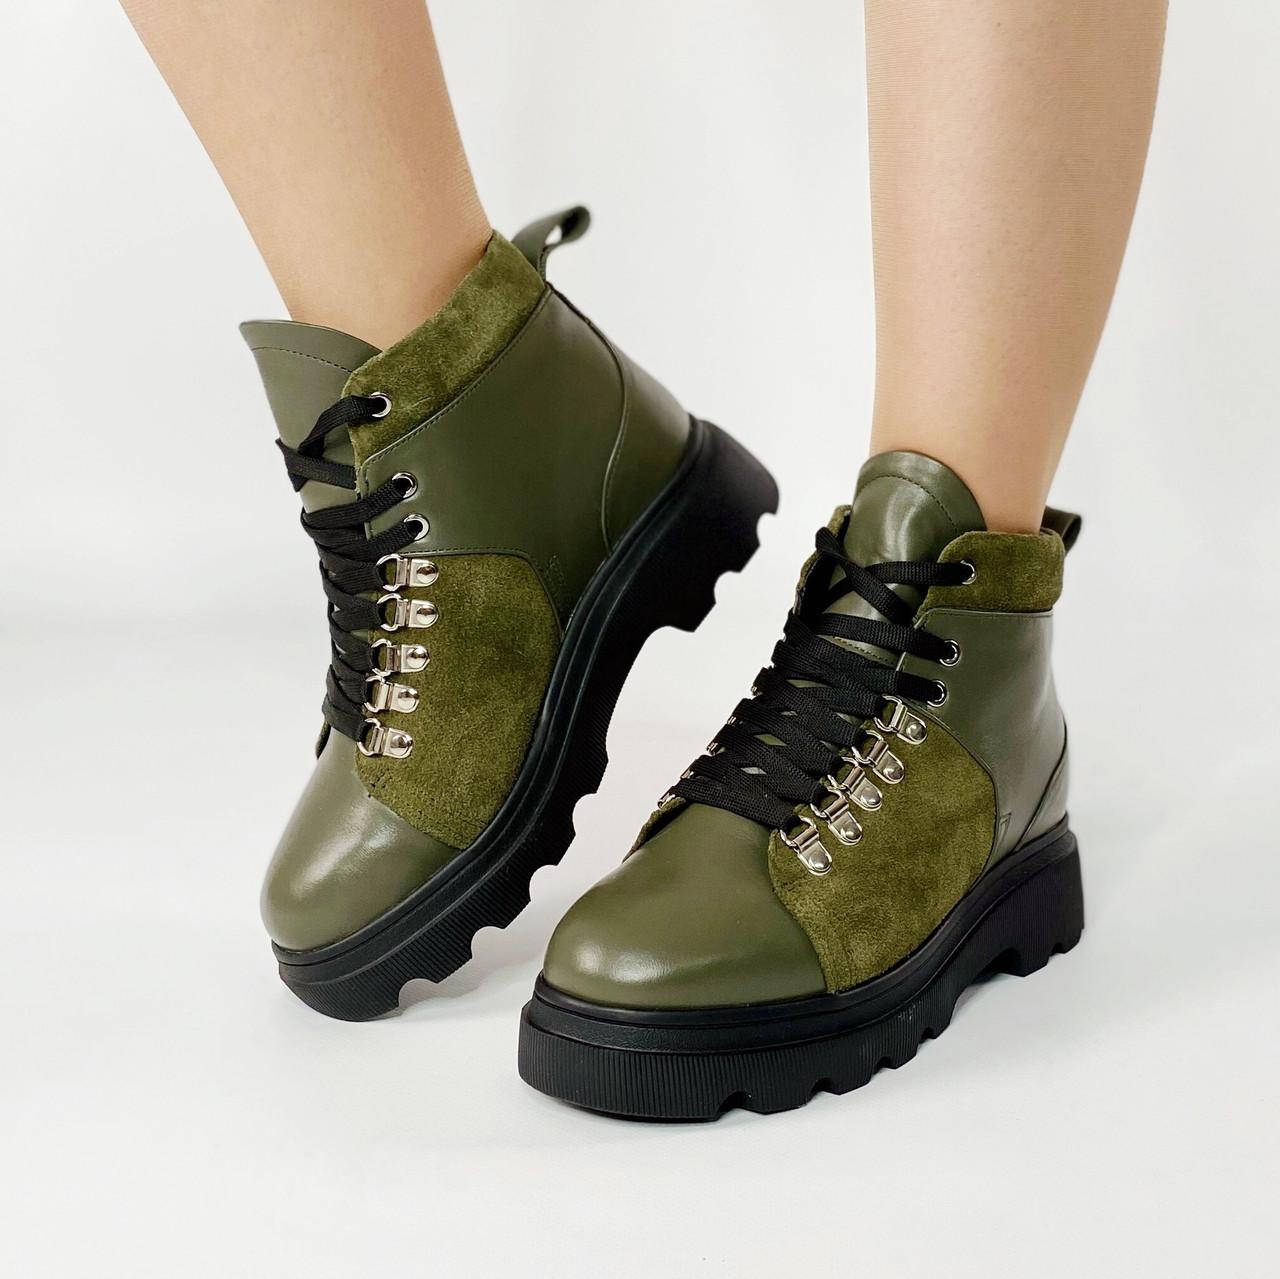 Ботинки женские кожаные оливковые на толстой подошве с замшевыми вставками MORENTO зимние